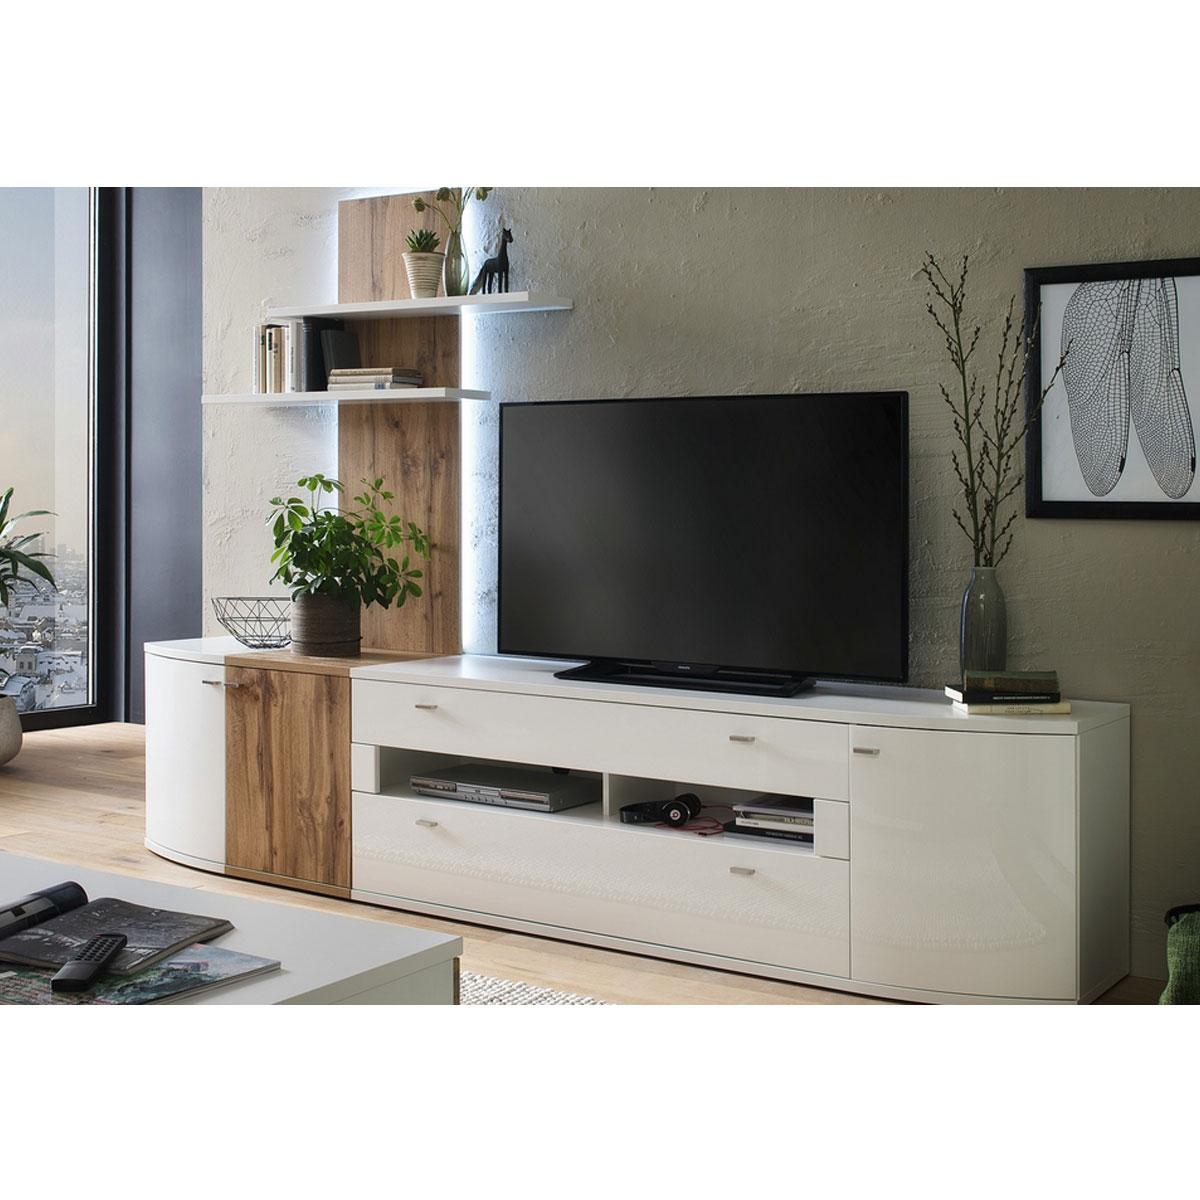 Weisse wohnwand hochglanz - Designermobel wohnzimmer ...